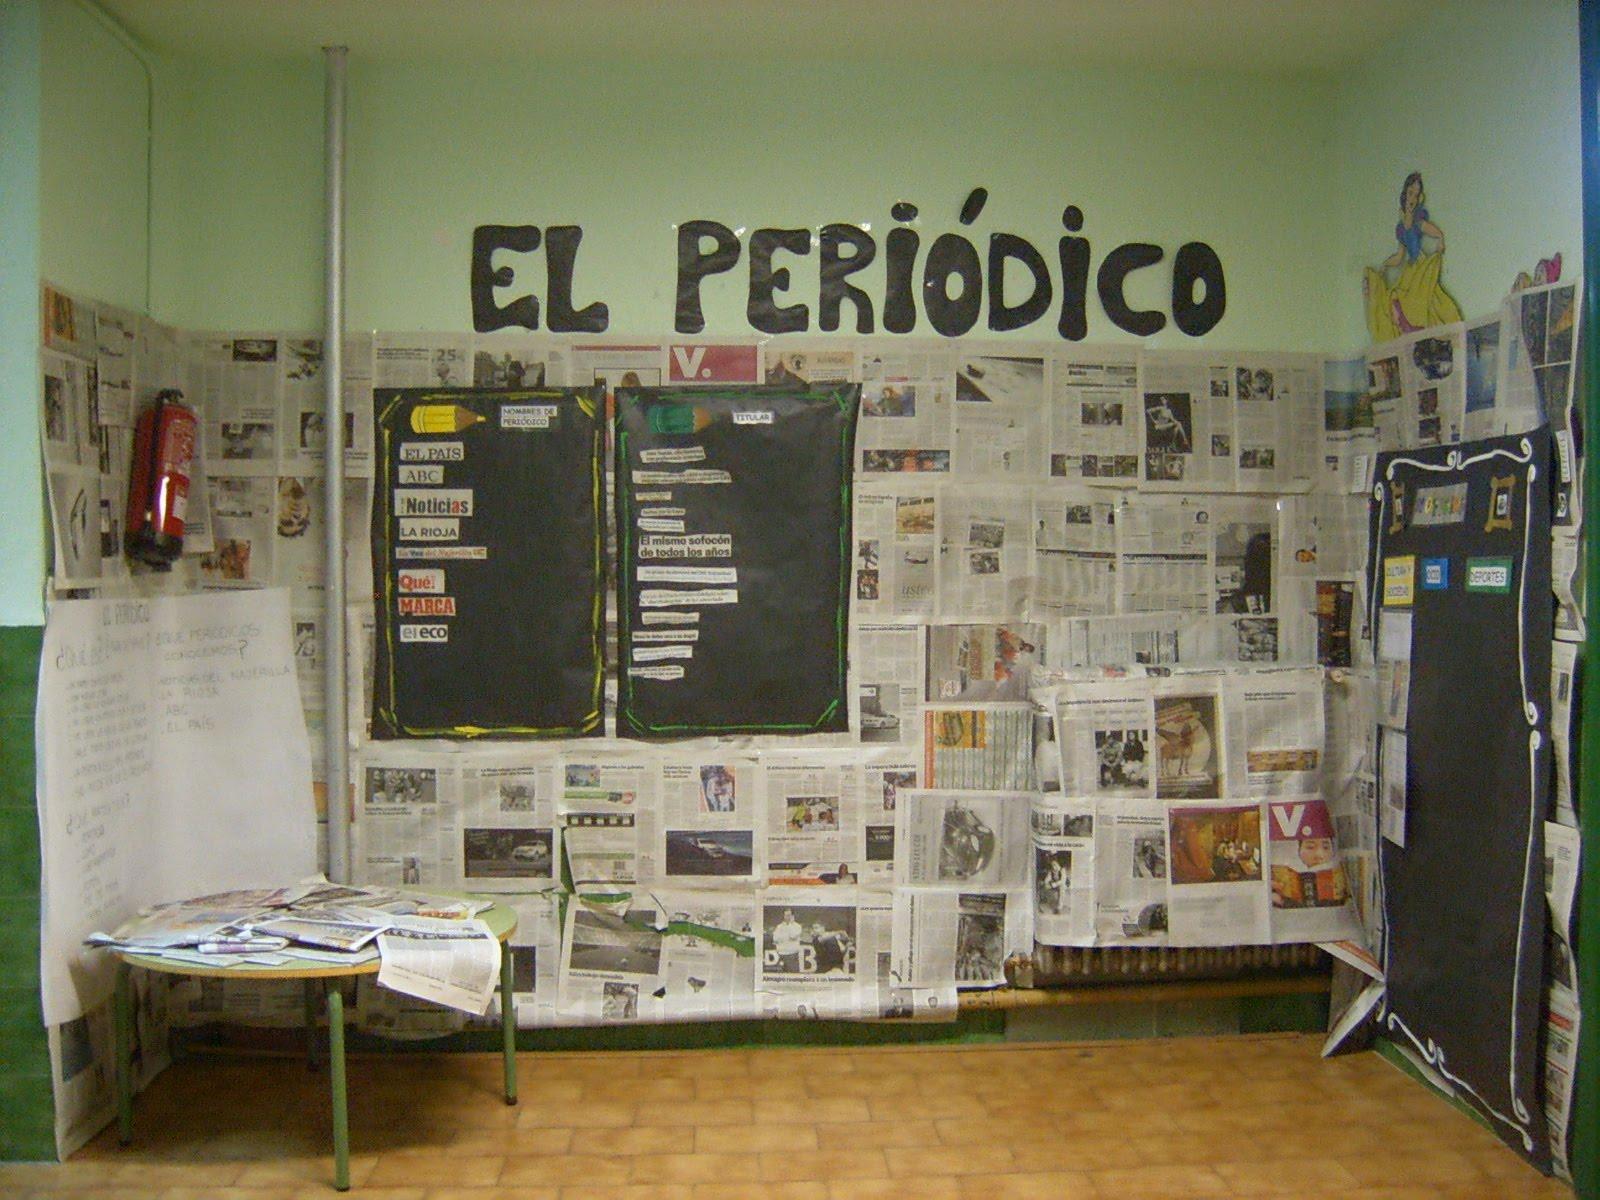 Cuales son sus partes de un periodico mural for Componentes de un periodico mural